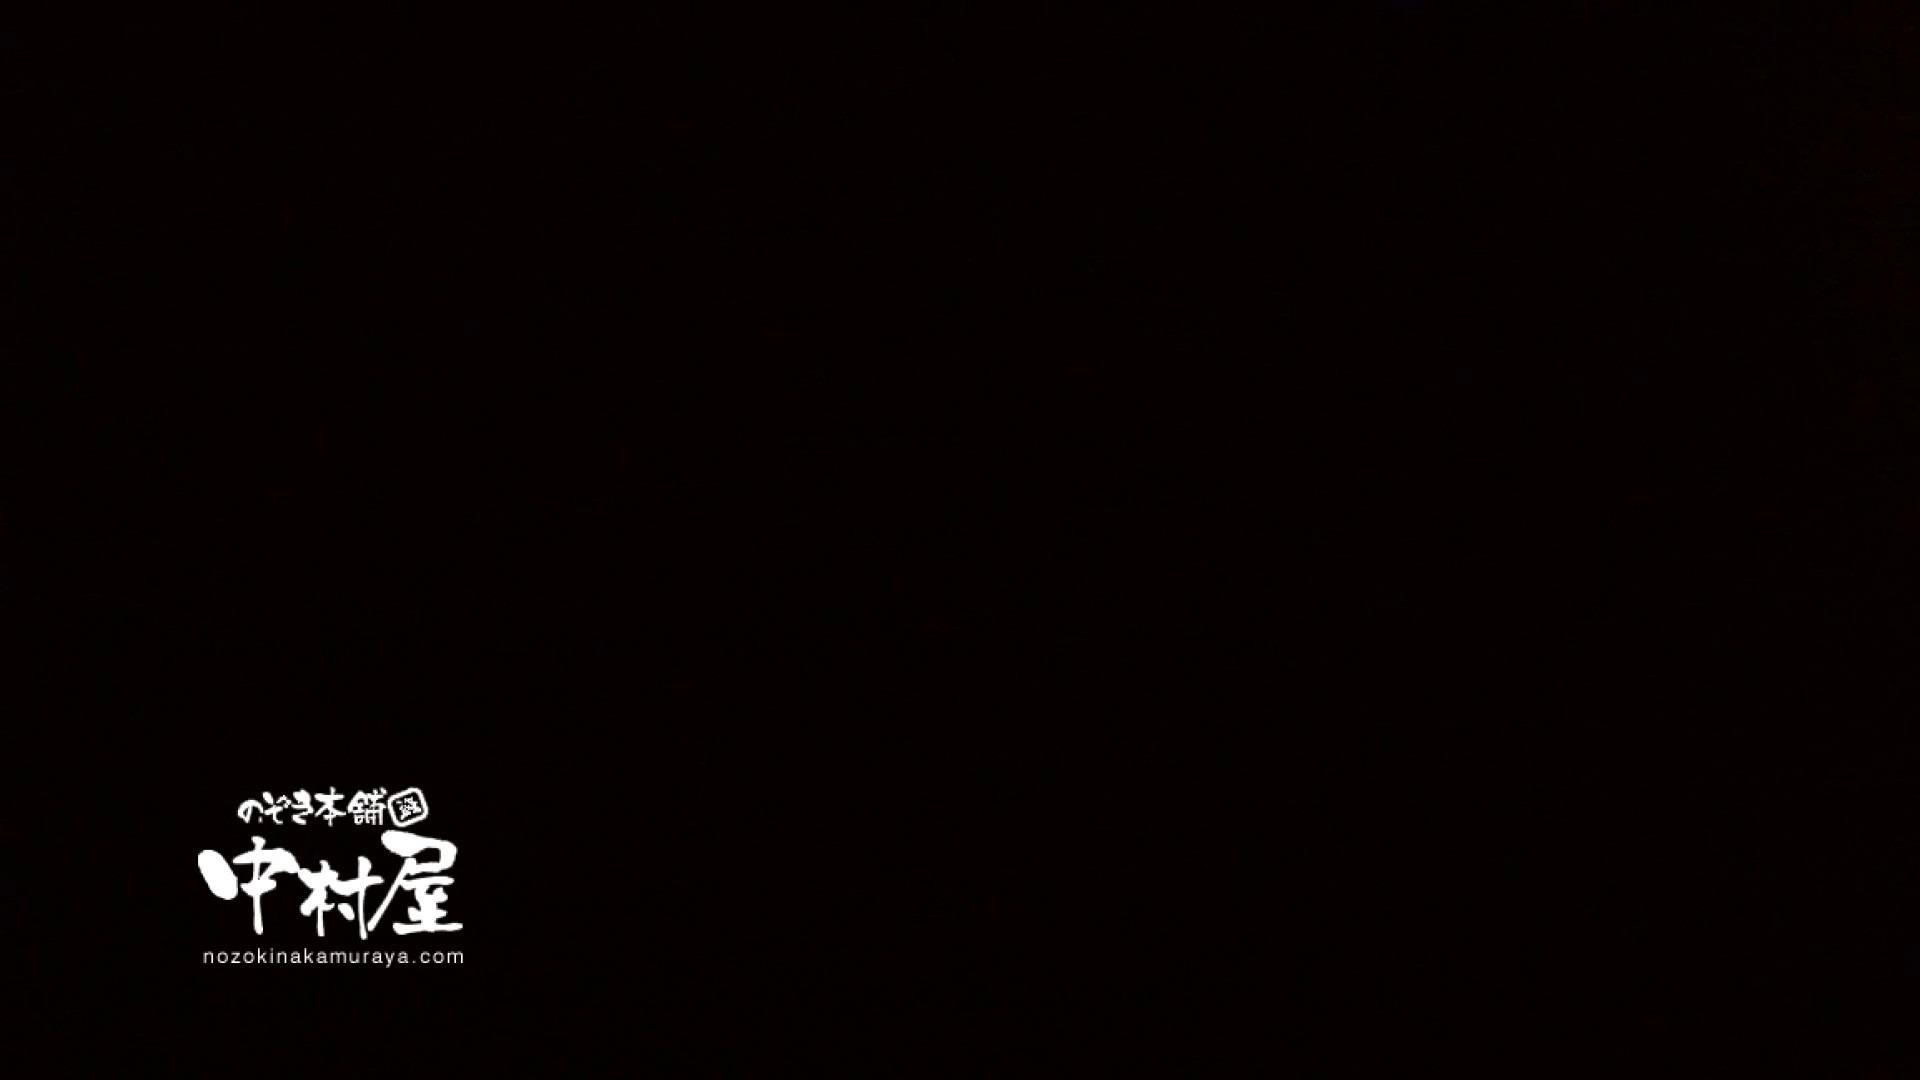 鬼畜 vol.10 あぁ無情…中出しパイパン! 後編 OLエロ画像 盗み撮りオマンコ動画キャプチャ 100PICs 54